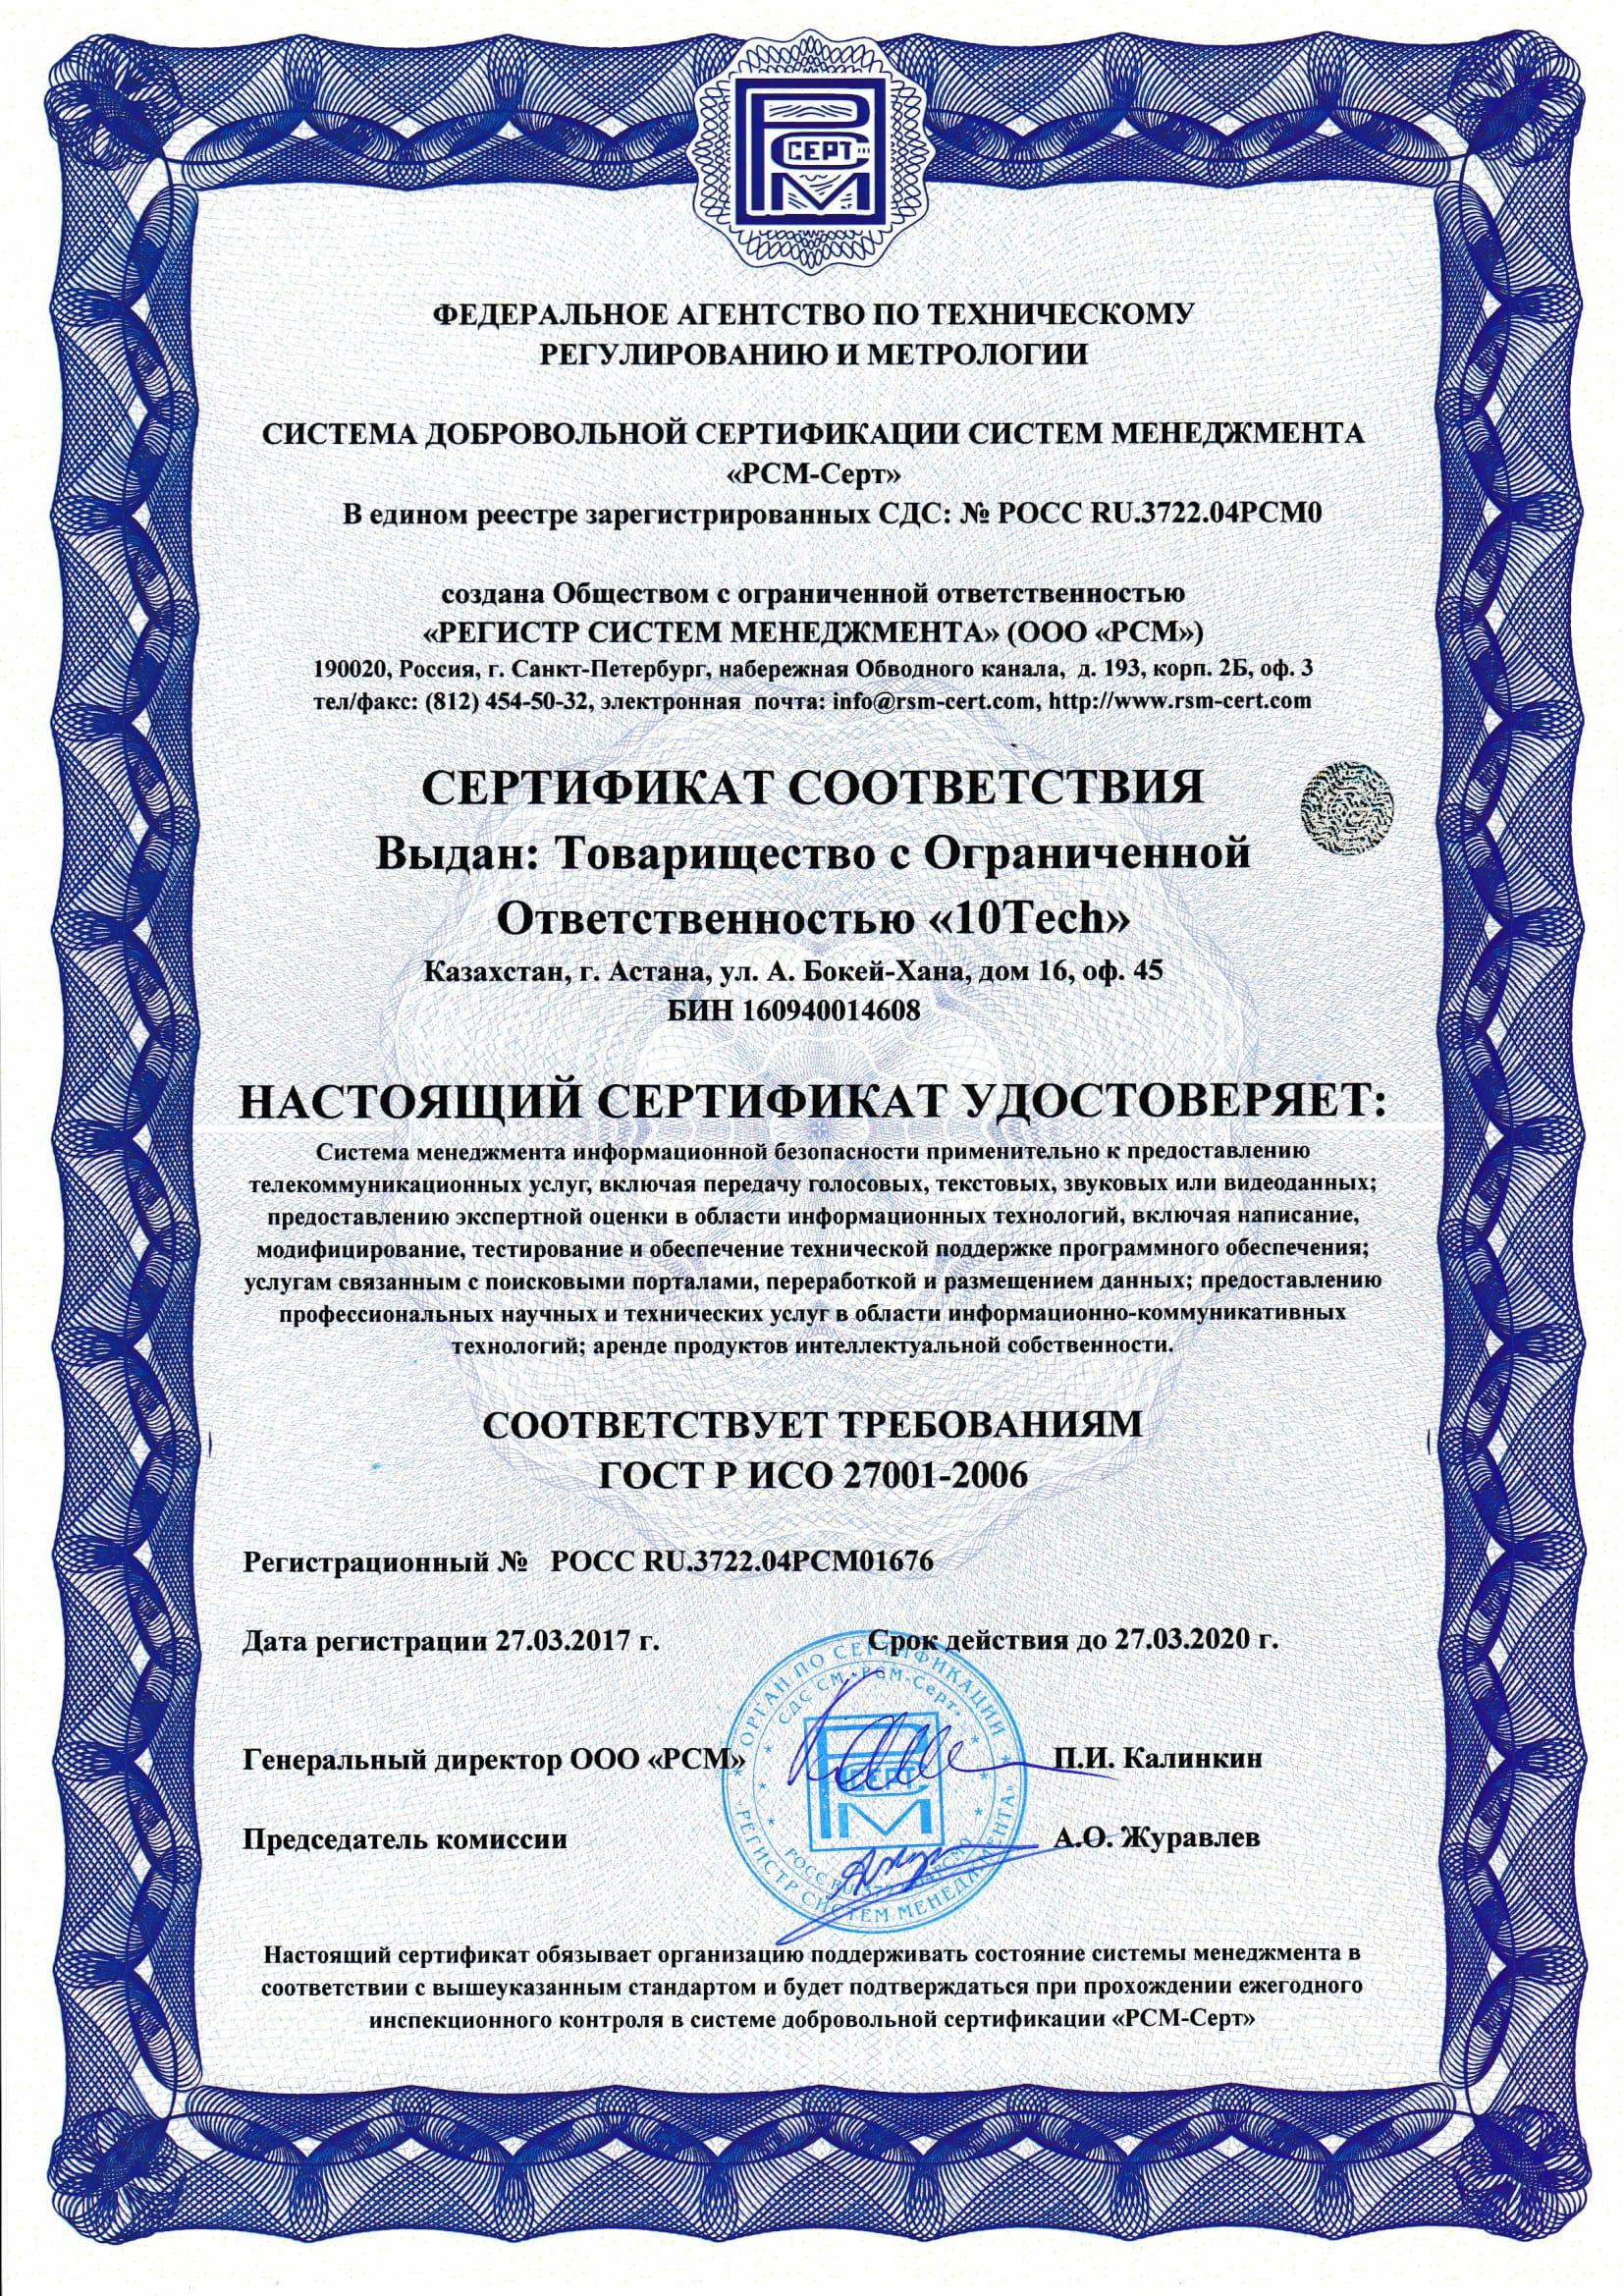 сертификация транспортных машин, курсовая работа